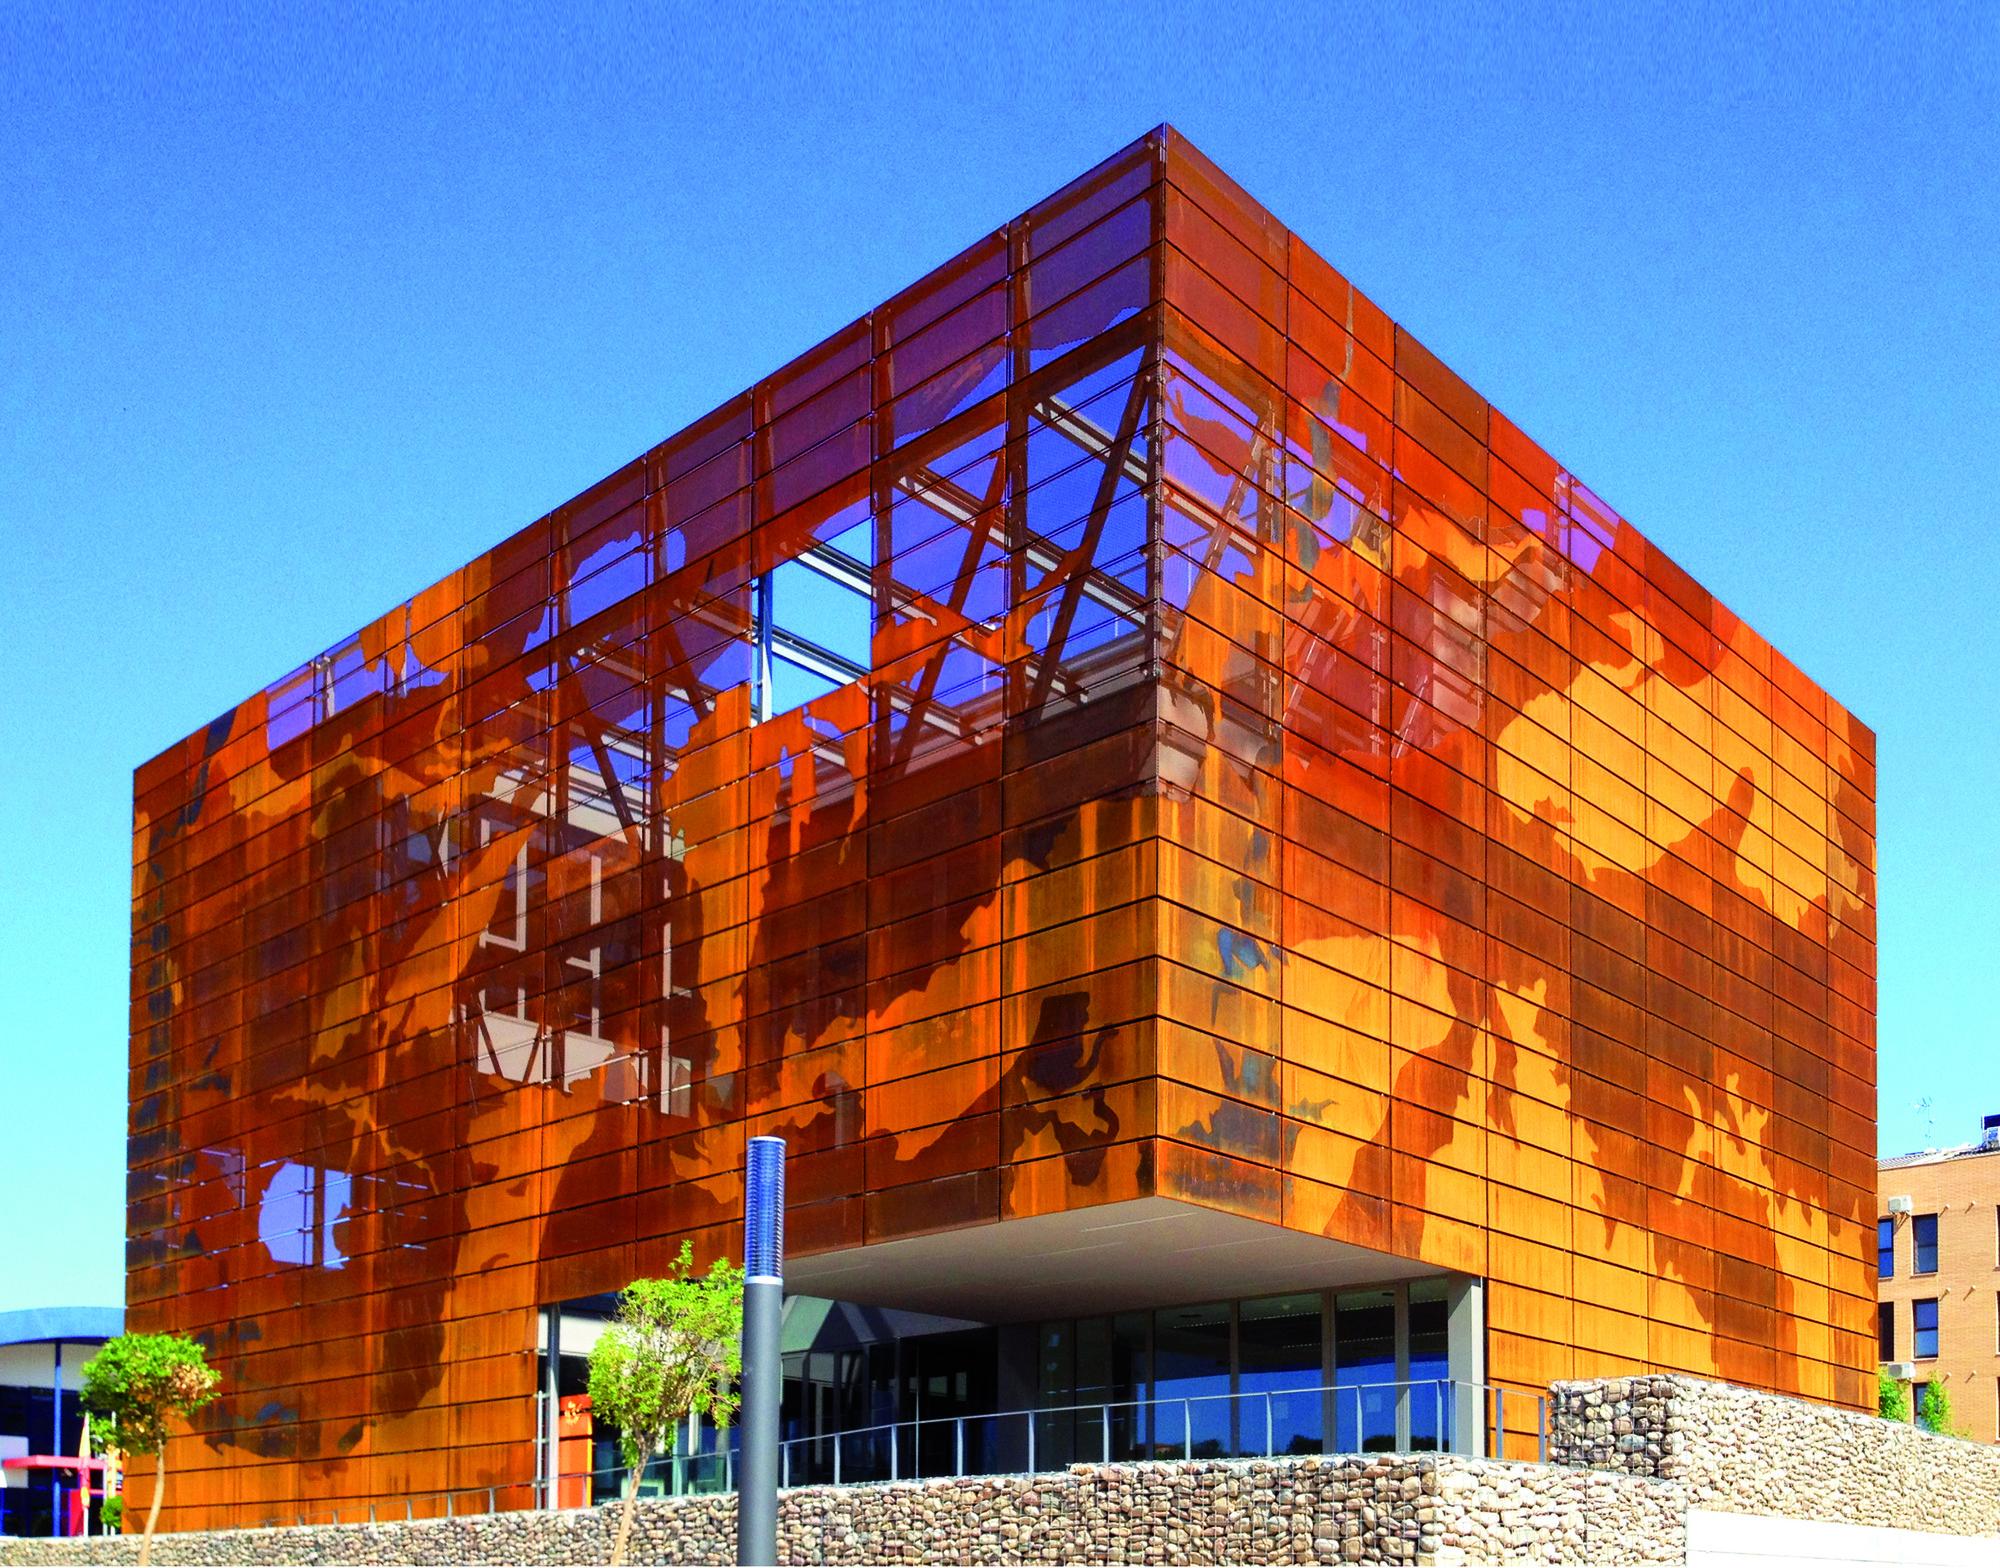 IGC Tremp / Oikosvia Arqutiectura, Courtesy of Oikosvia Arquitectura